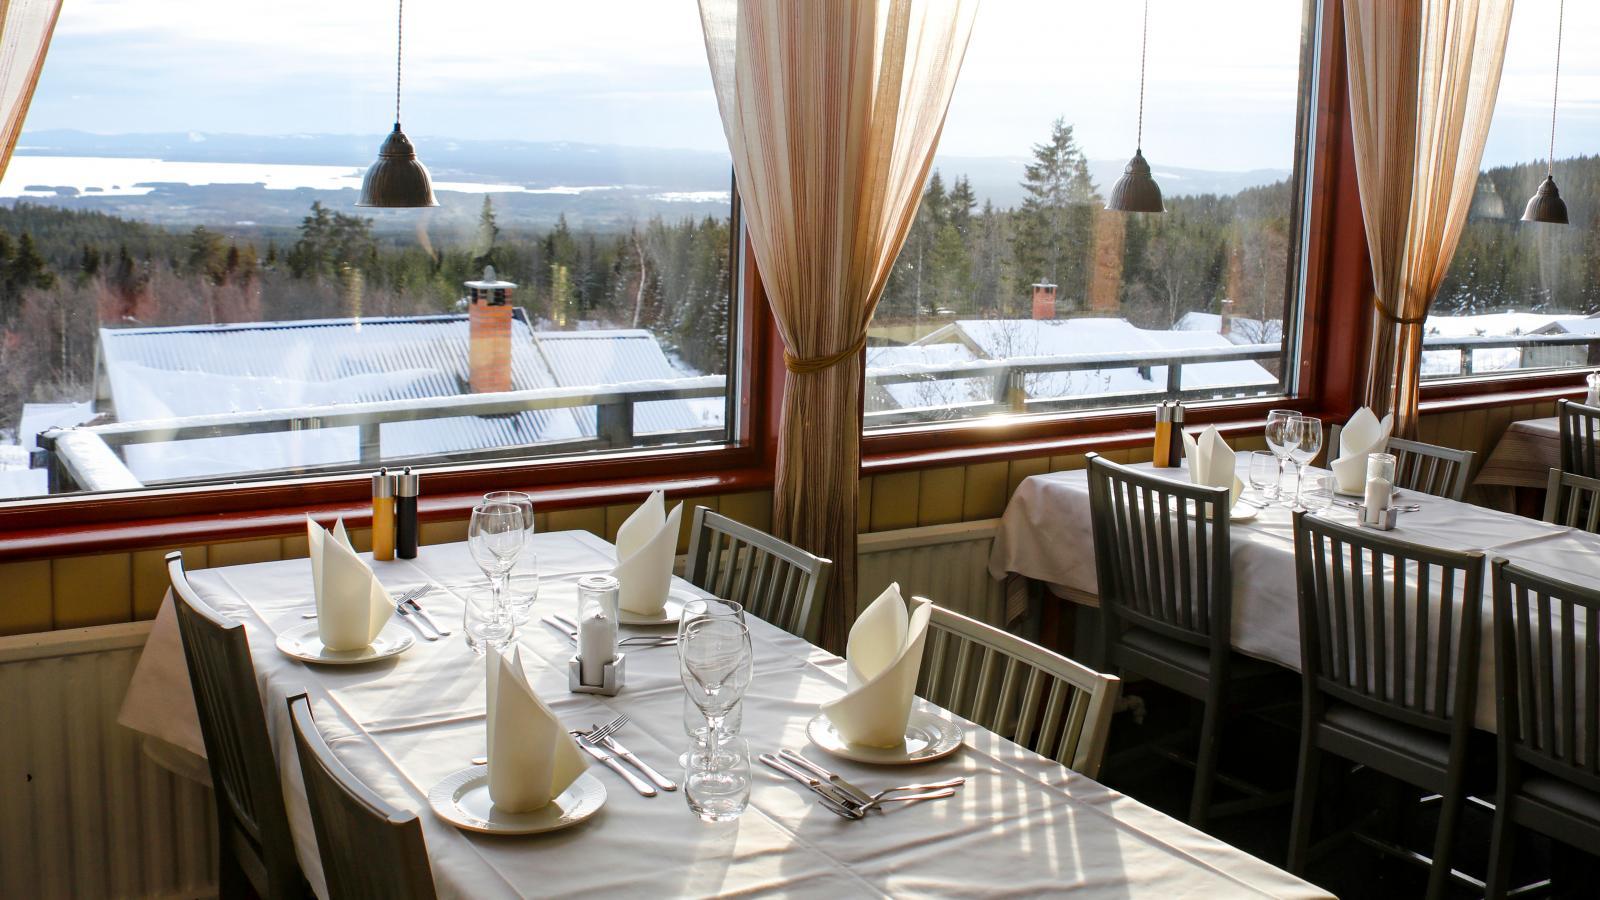 Middag med utsikt över Orsasjön. Fryksås Hotell och Gestgifveri.